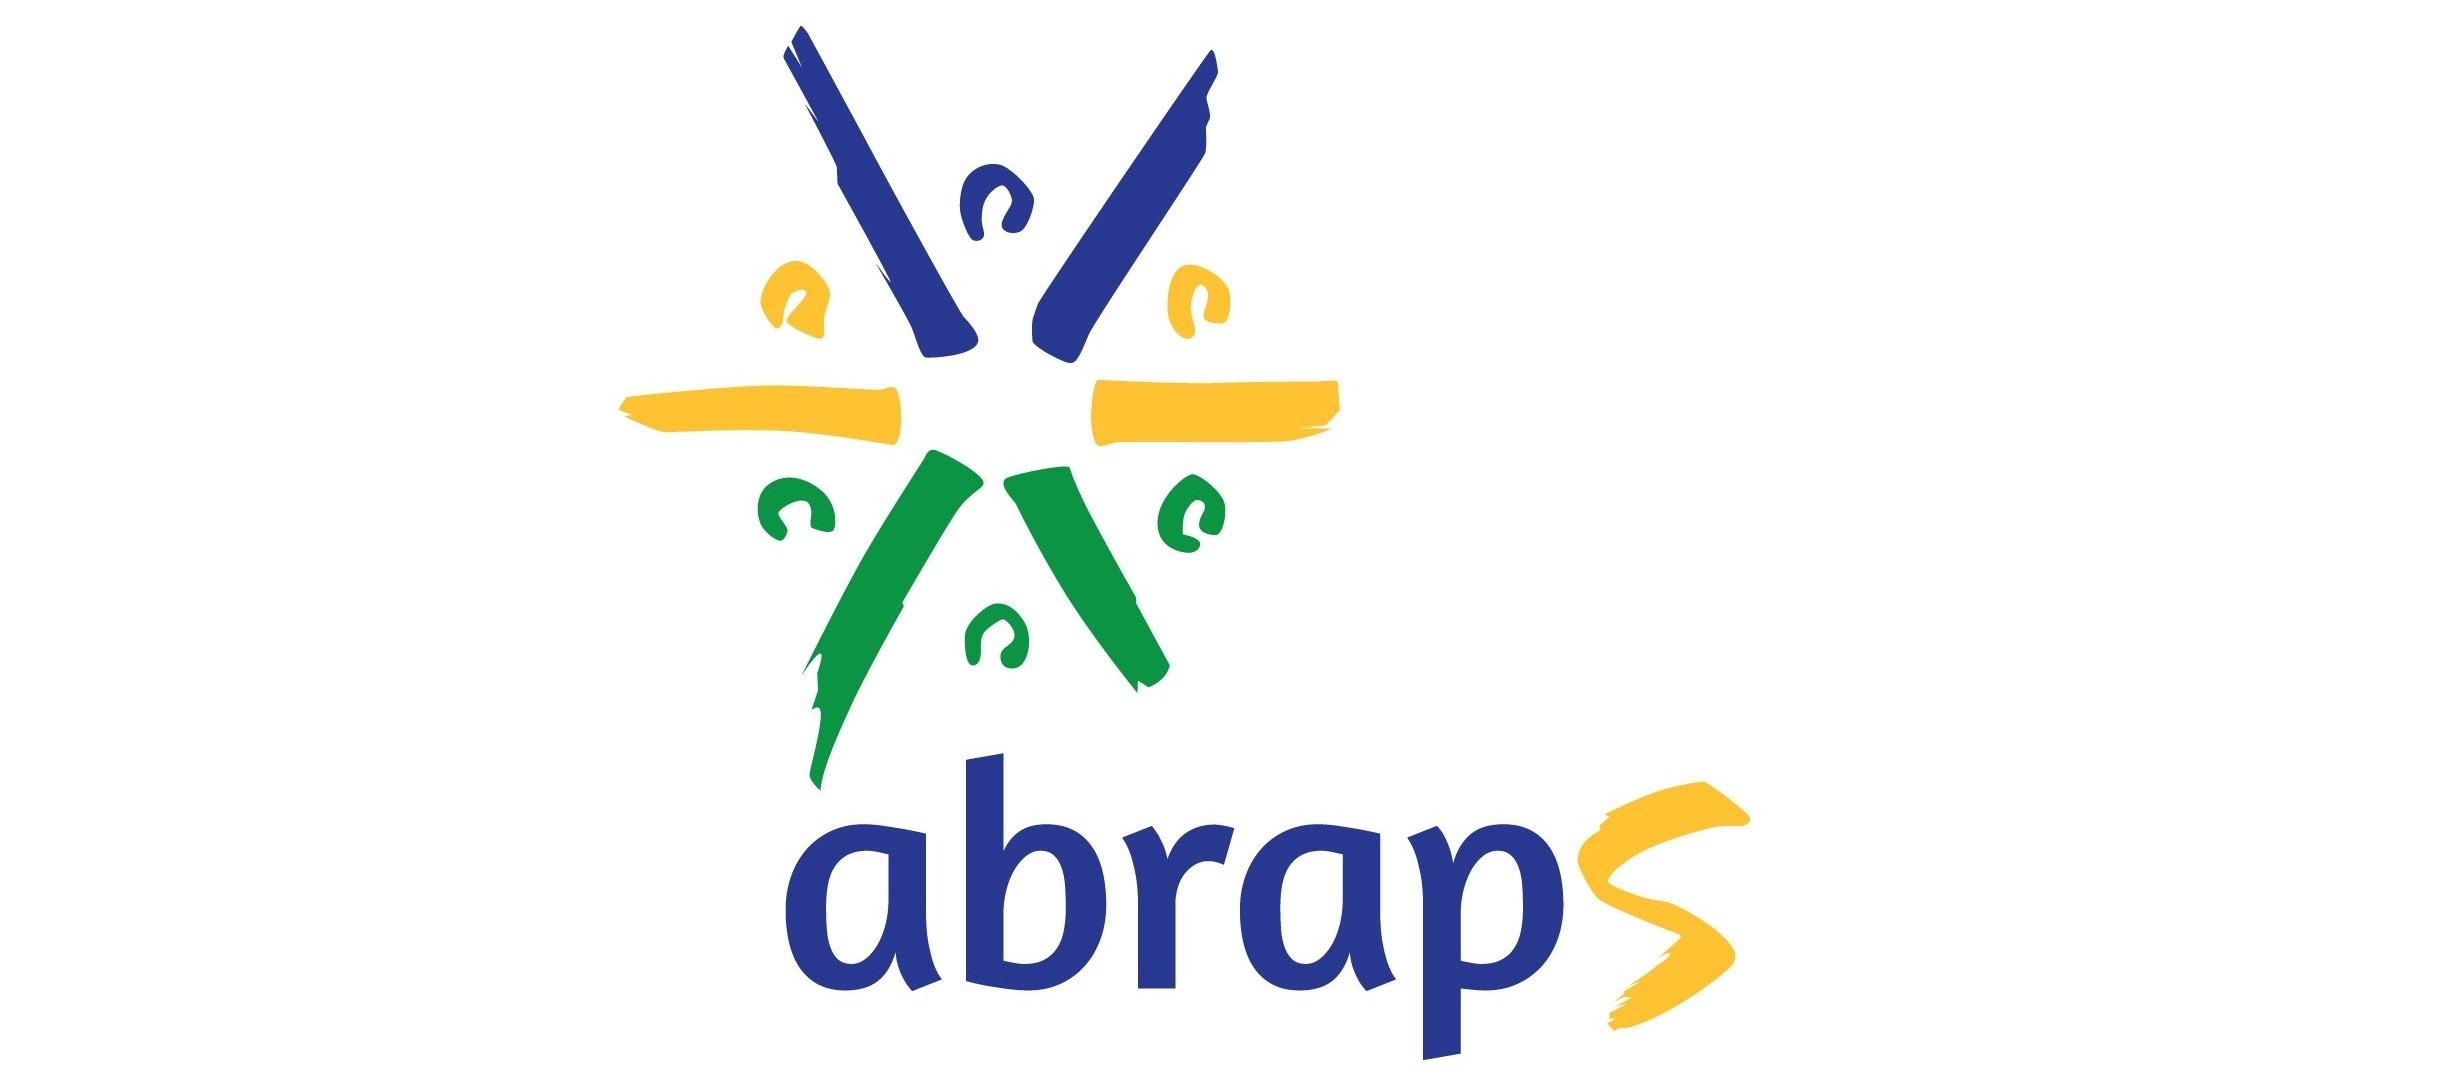 Abraps apresenta resultado da 4ª edição do Prêmio Virada Sustentável